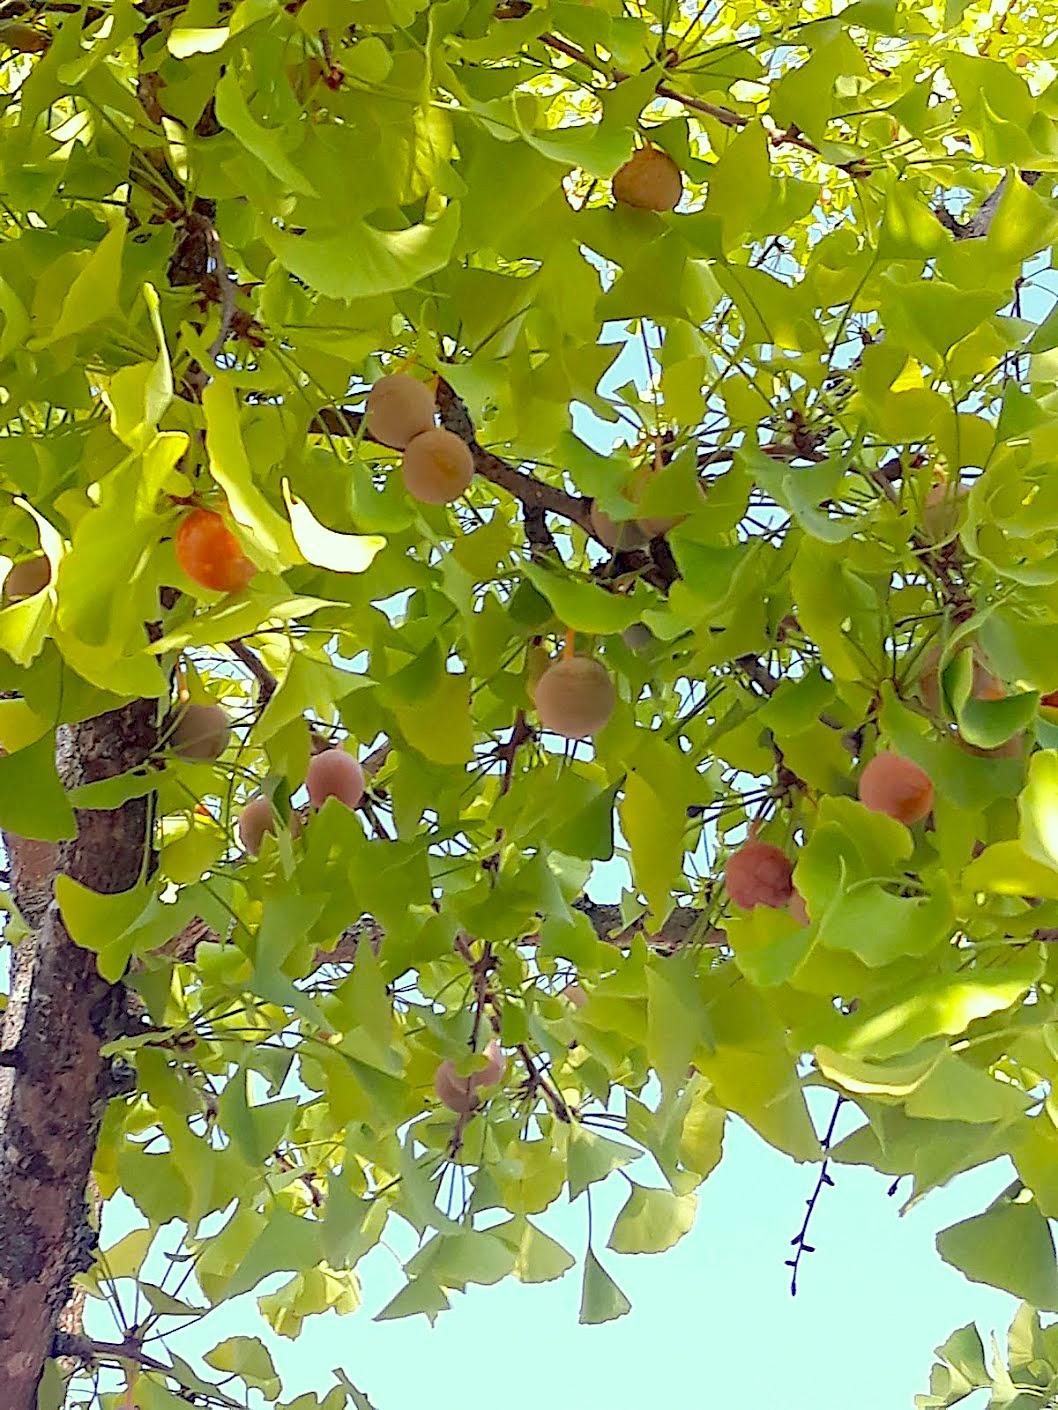 Gingko biloba – Com cautela, a natureza ao serviço da saúde